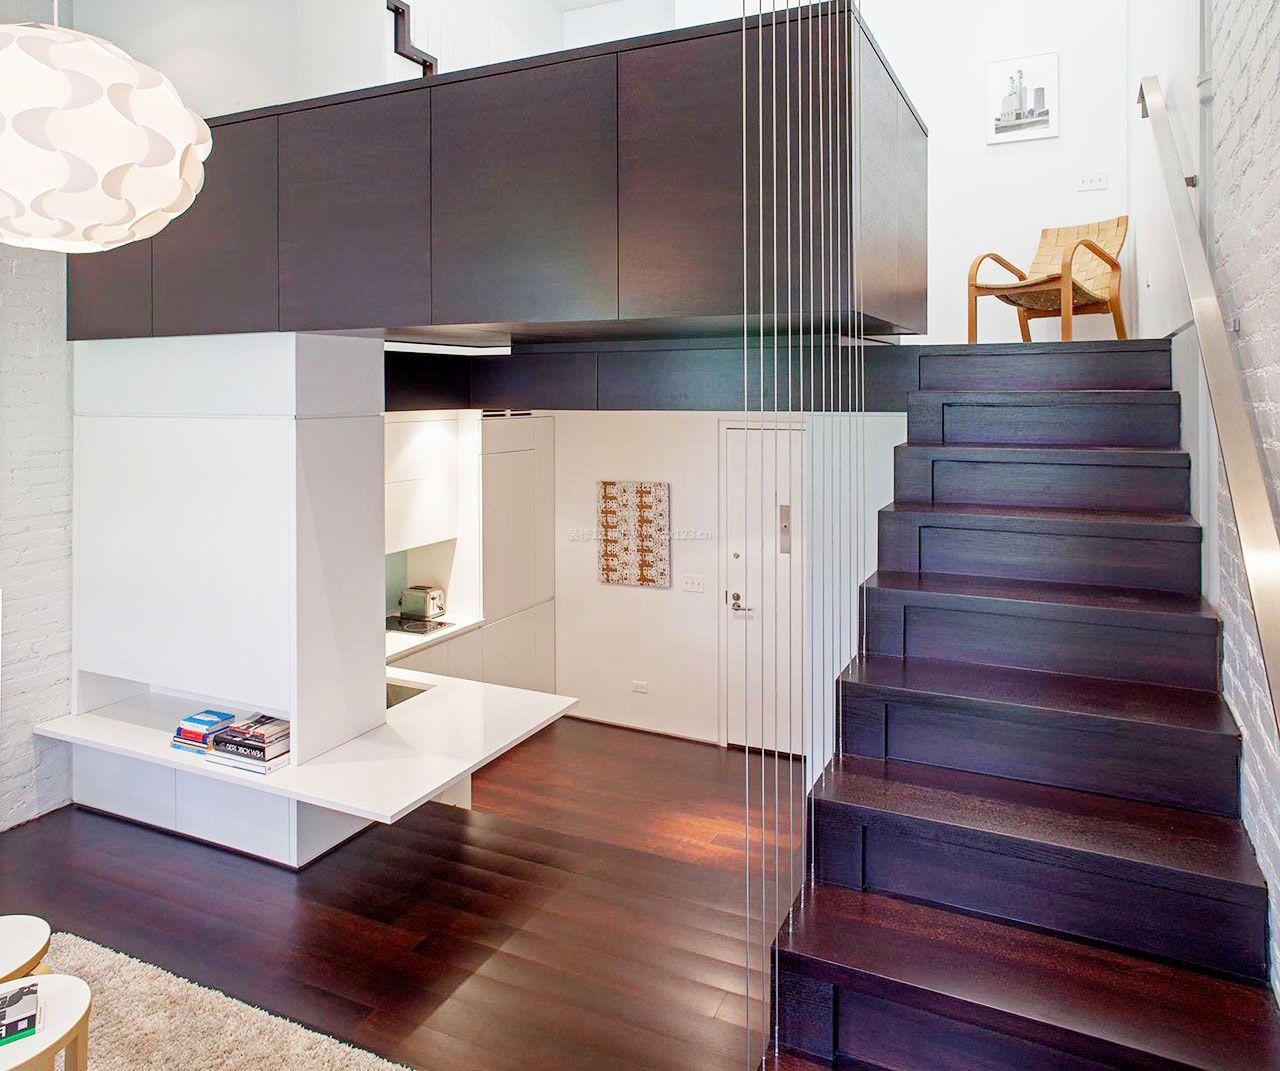 2017小空间阁楼楼梯扶手设计图片大全